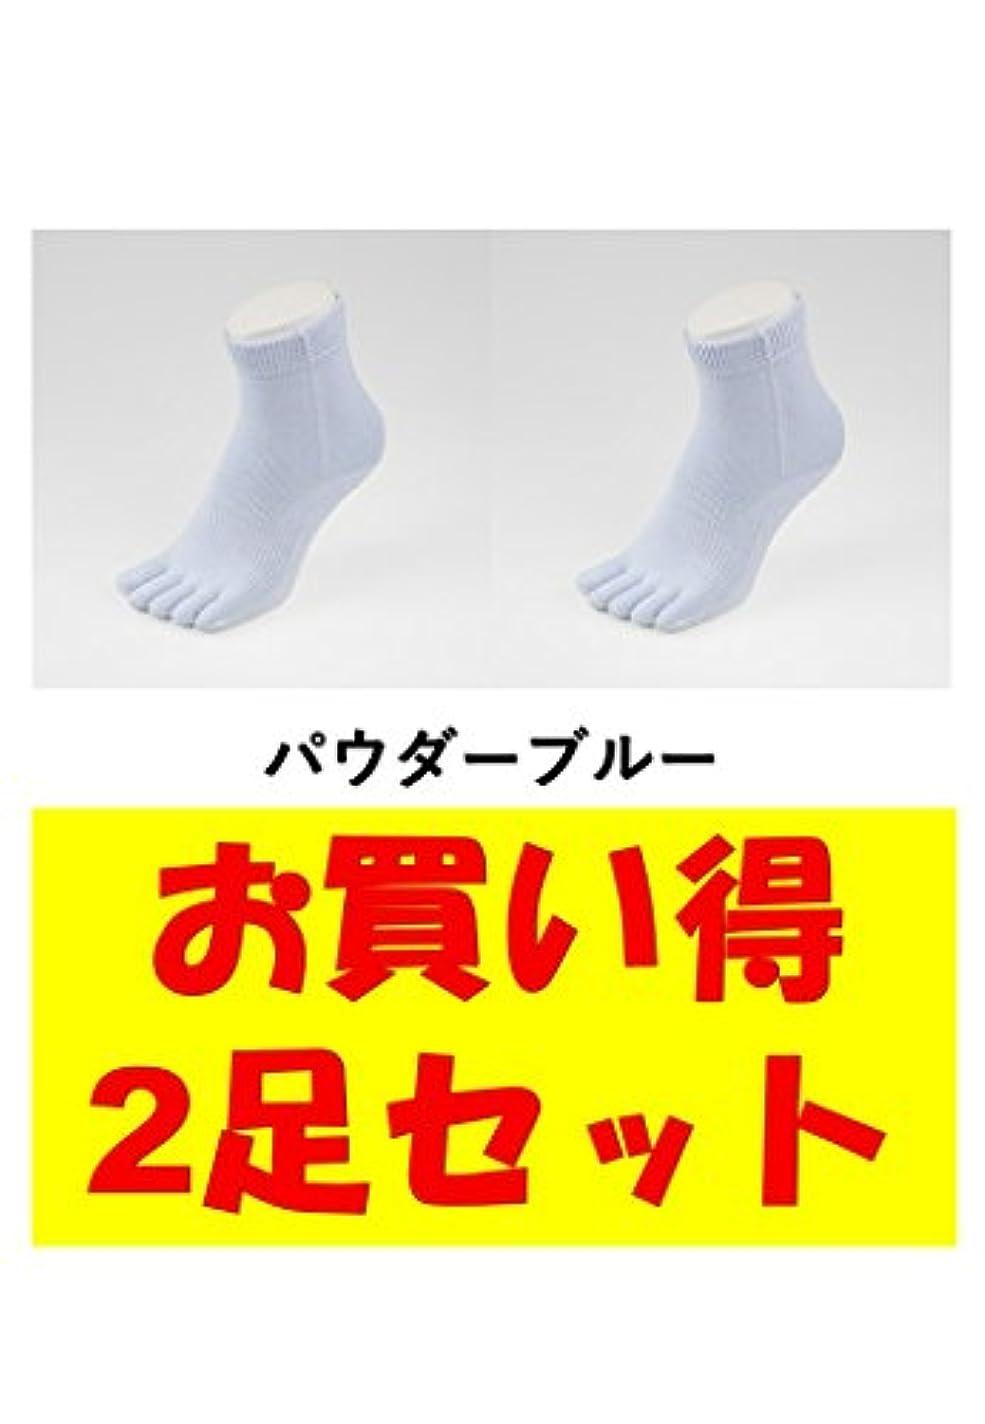 メディックフルーツ混乱させるお買い得2足セット 5本指 ゆびのばソックス Neo EVE(イヴ) パウダーブルー Sサイズ(21.0cm - 24.0cm) YSNEVE-PBL